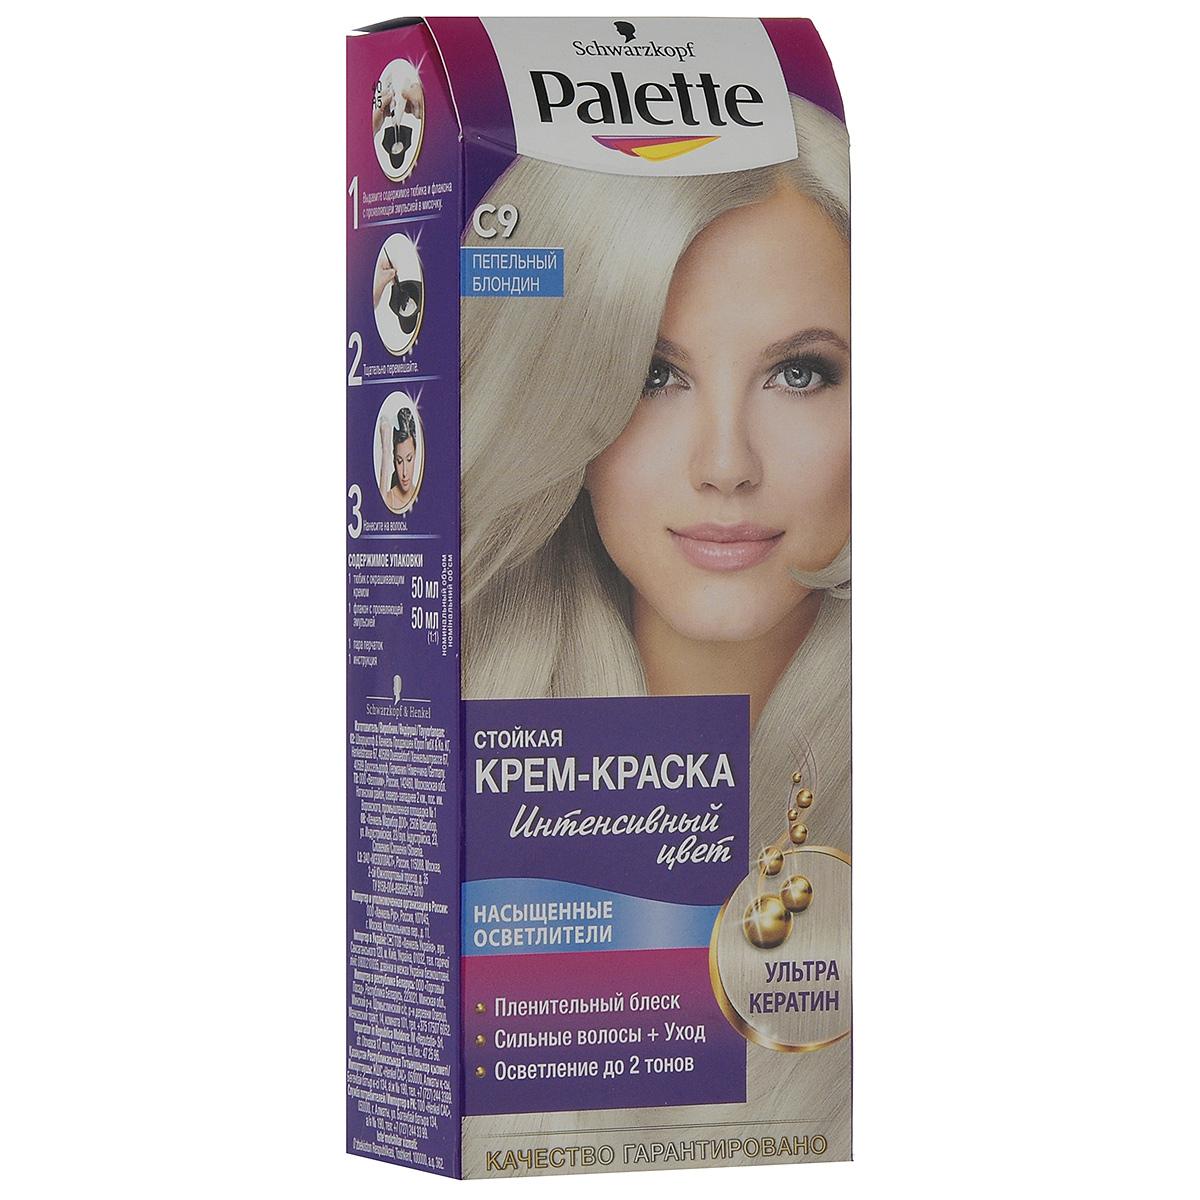 Palette ICC Крем-краска оттенок C9 Пепельный блондин, 100 мл935110Откройте для себя стойкую крем-краску Palette Intensive Color с формулой, обогащенной кератином для стойкого интенсивного цвета и сияющего блеска.Формула окрашивающего крема с Кератин-Комплексом оказывает ухаживающее воздействие в процессе окрашивания, а интенсивные цветовые пигменты глубоко проникают в структуру волос для невероятного сияющего цвета. Процесс окрашивания оставит ощущение мягкости и гладкости волос, а новая формула надежно защитит Ваш любимый оттенок от выцветания.